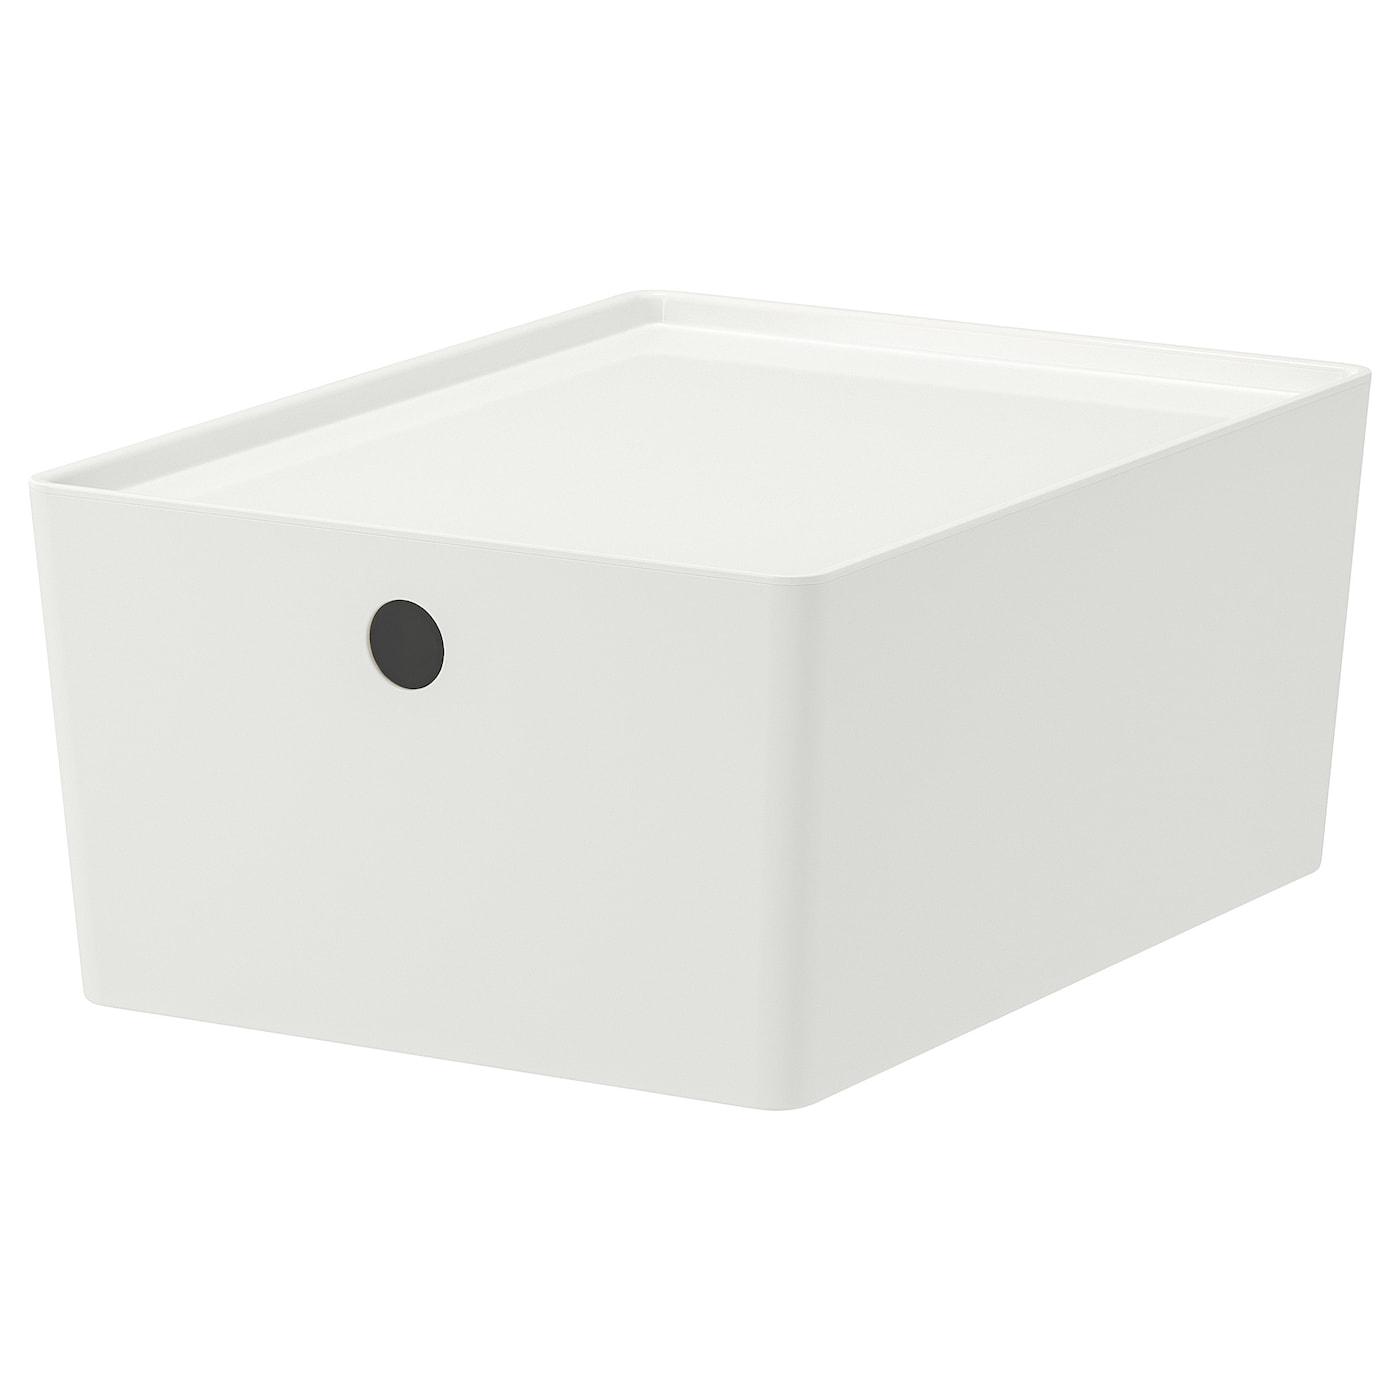 cajas i antencion al cliente ikea